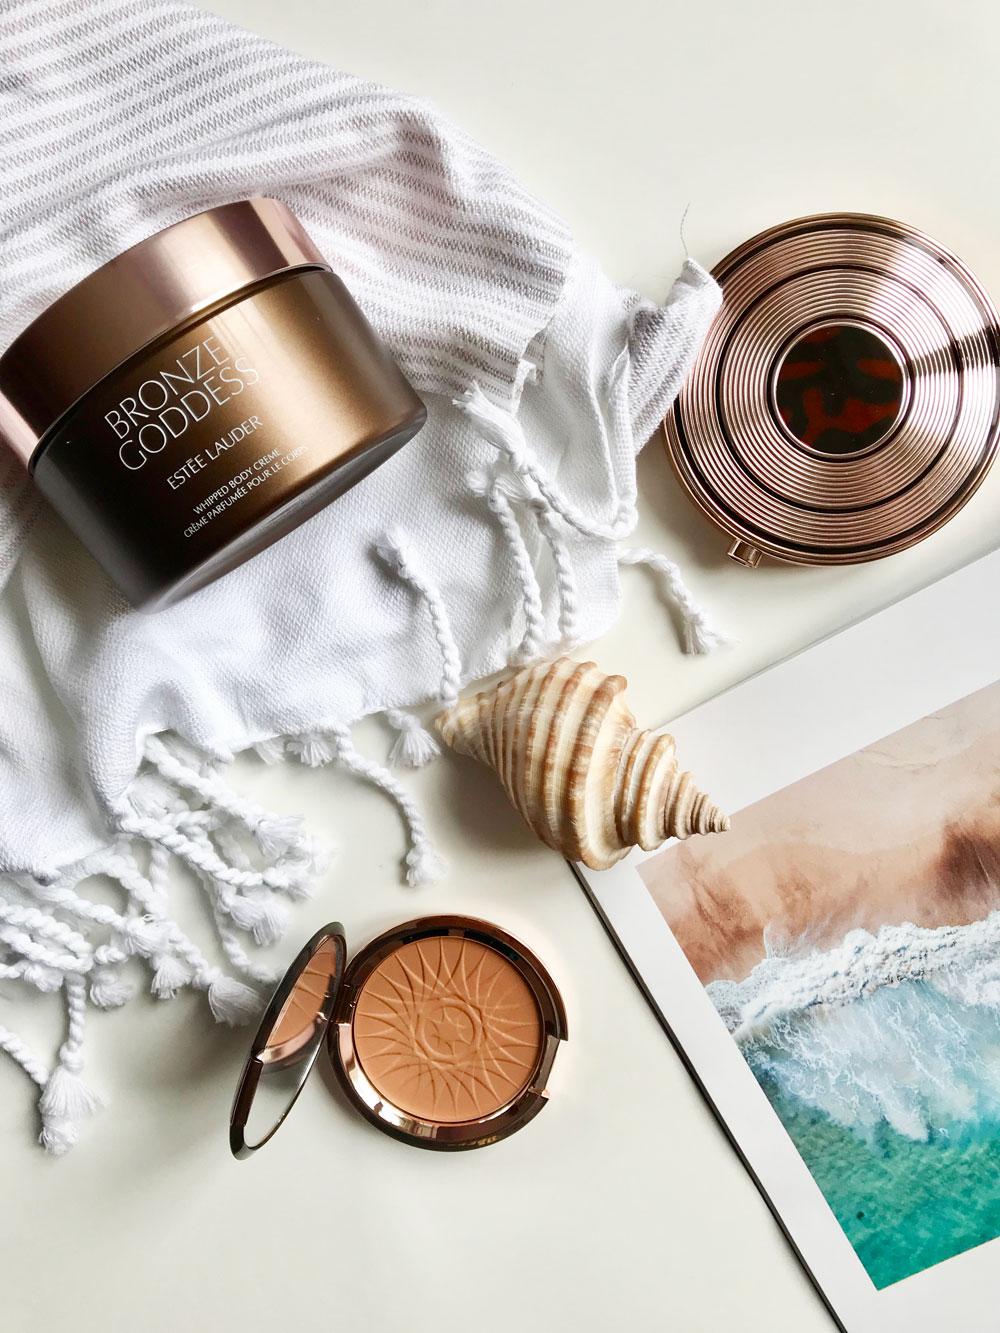 sonrisa zeigt Dir die Favoriten aus der Bronze Goddess Kollektion 2019 und sorgt damit für Sommergefühle.